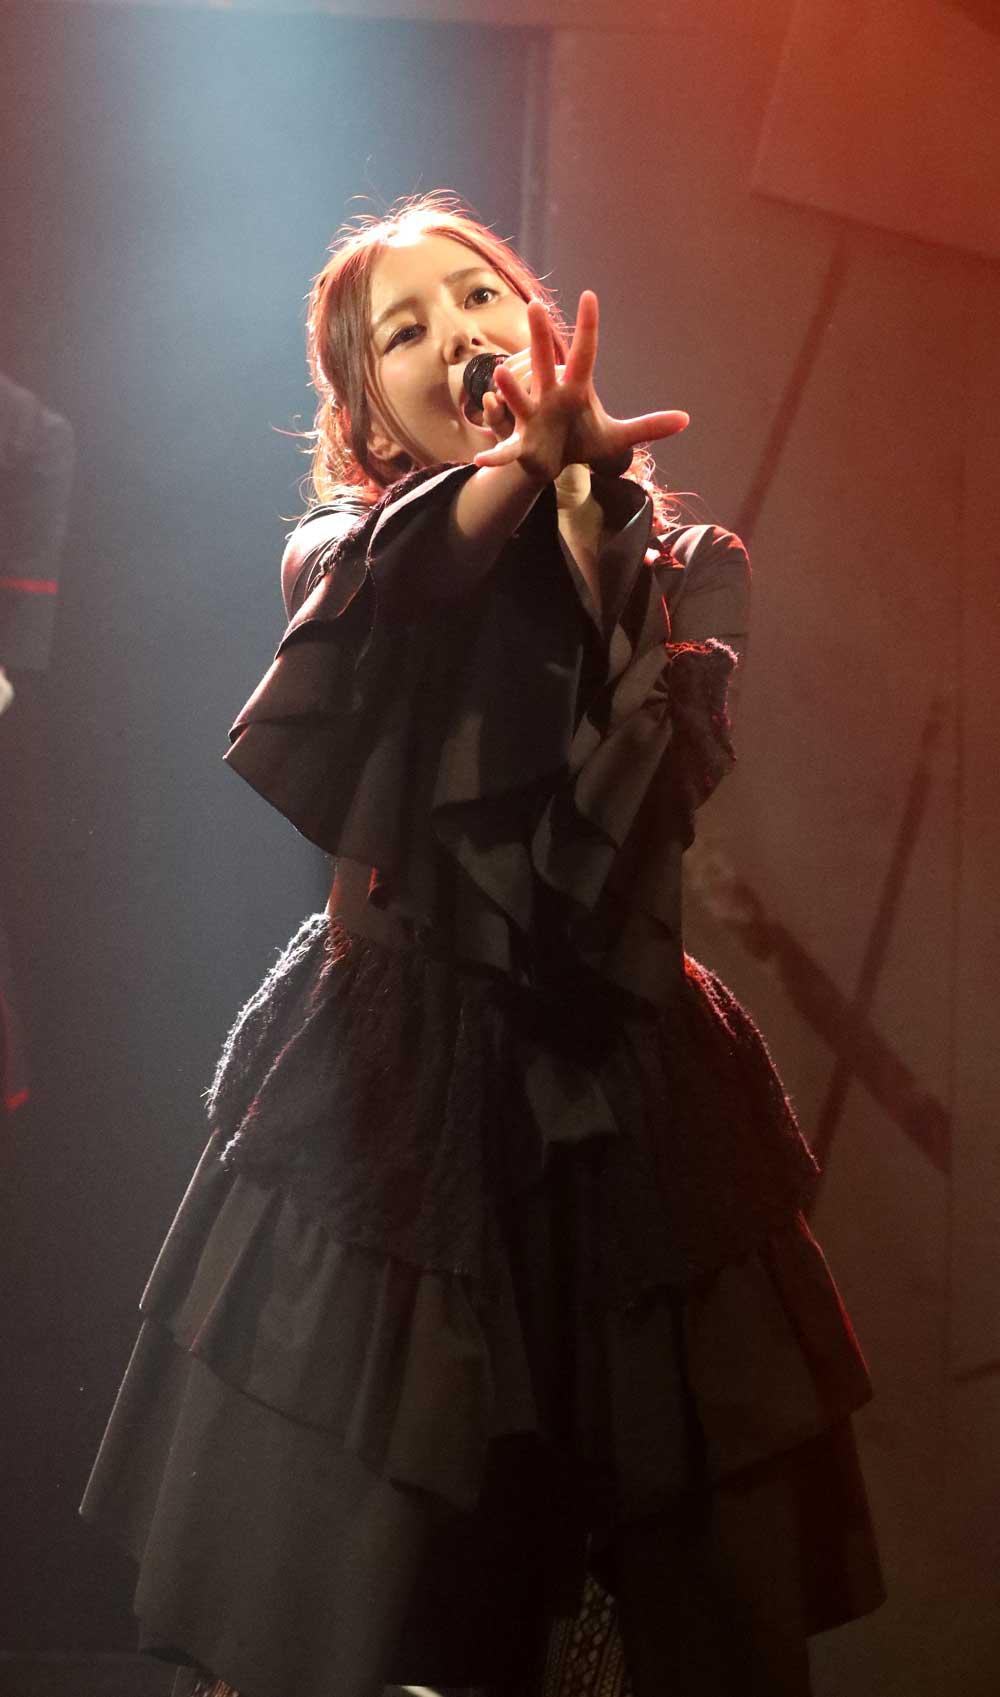 画像3: みきちゅ/アリスインプロジェクトとコラボしたCD「きえないメロディ」が完成。アリスインの名曲をみきちゅの歌声で楽しめる珠玉のアルバム